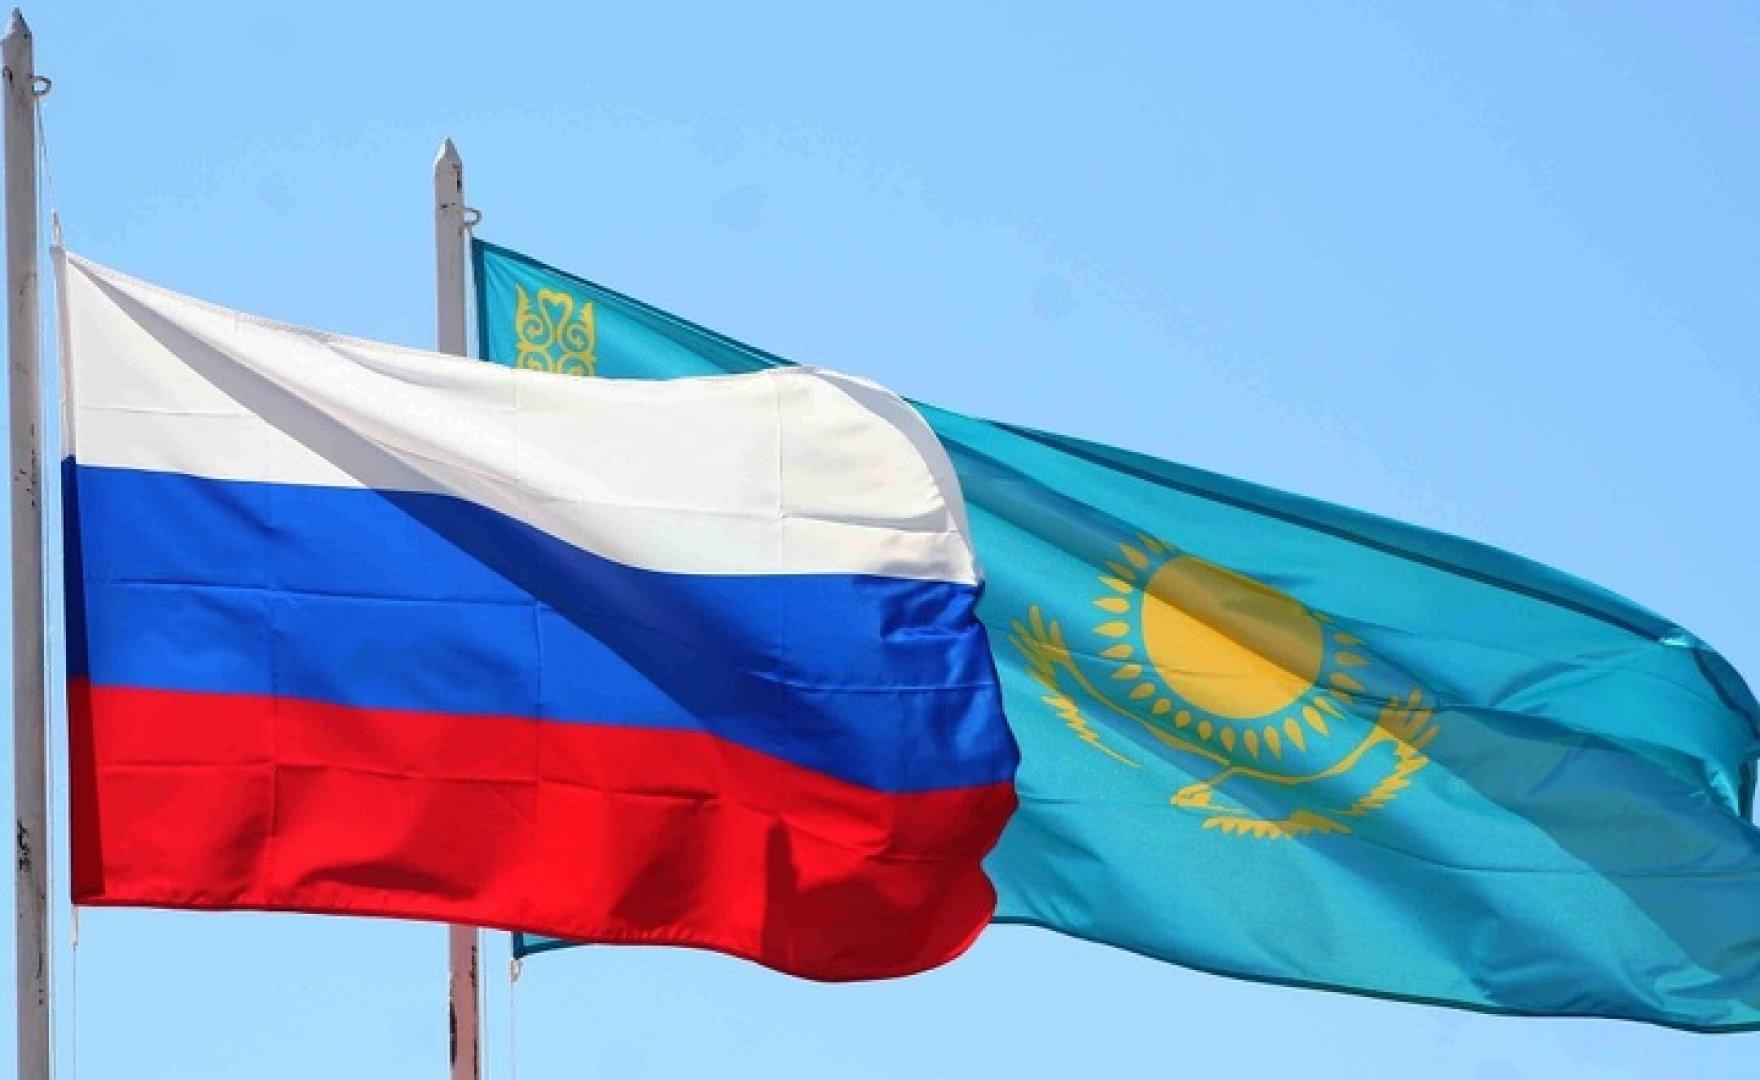 Россия и Казахстан намерены провести консультации по безопасности